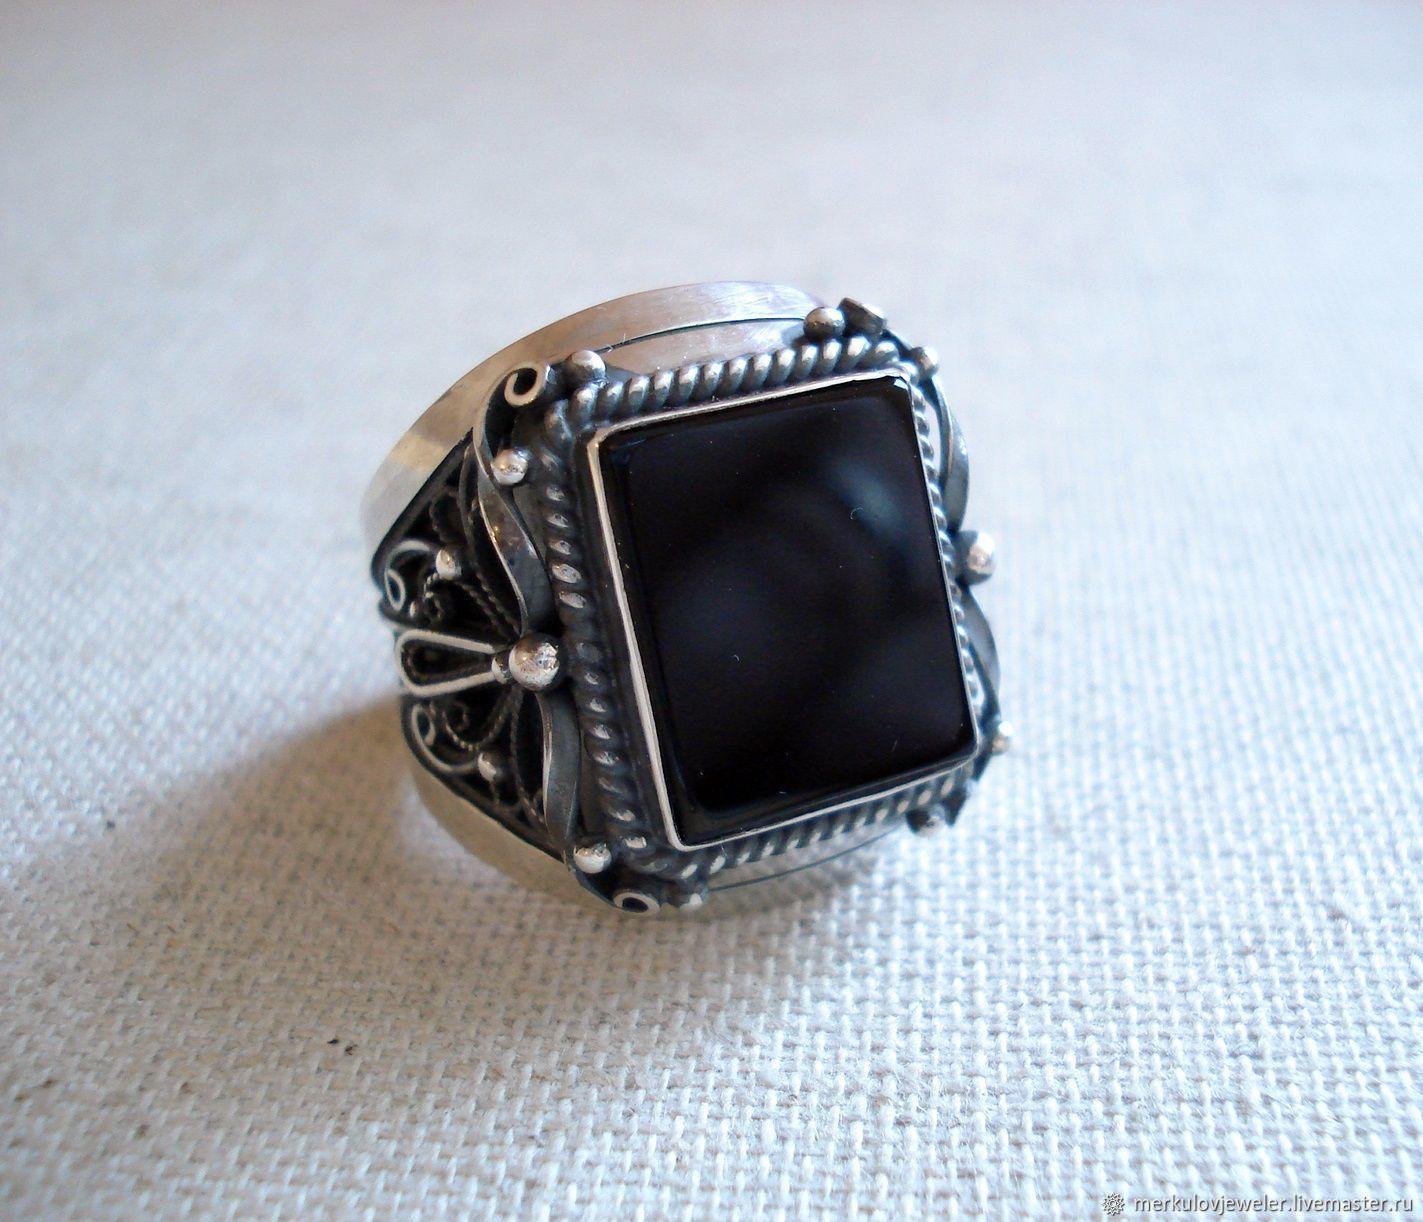 Мужское кольцо с камнем, Кольца, Санкт-Петербург,  Фото №1